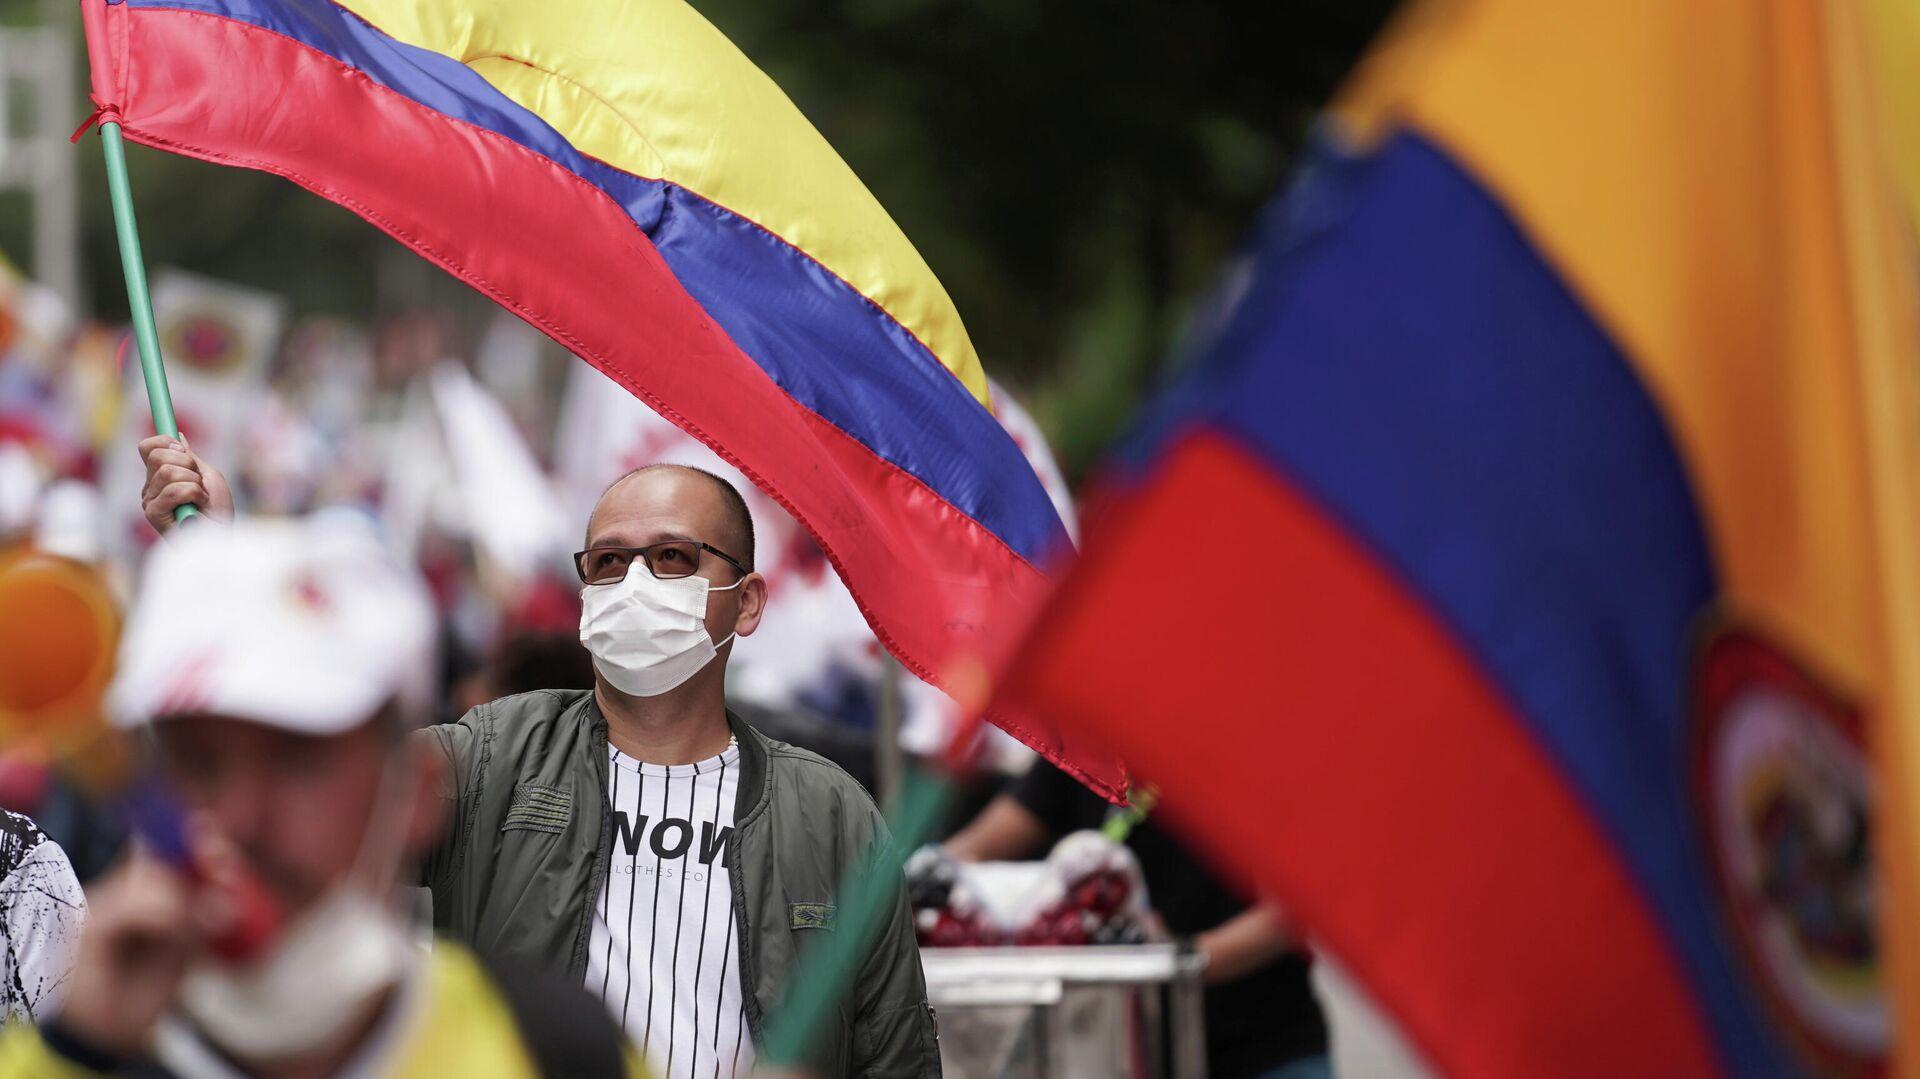 Jornada de protestas en Bogotá, Colombia, el 20 de julio - Sputnik Mundo, 1920, 20.07.2021